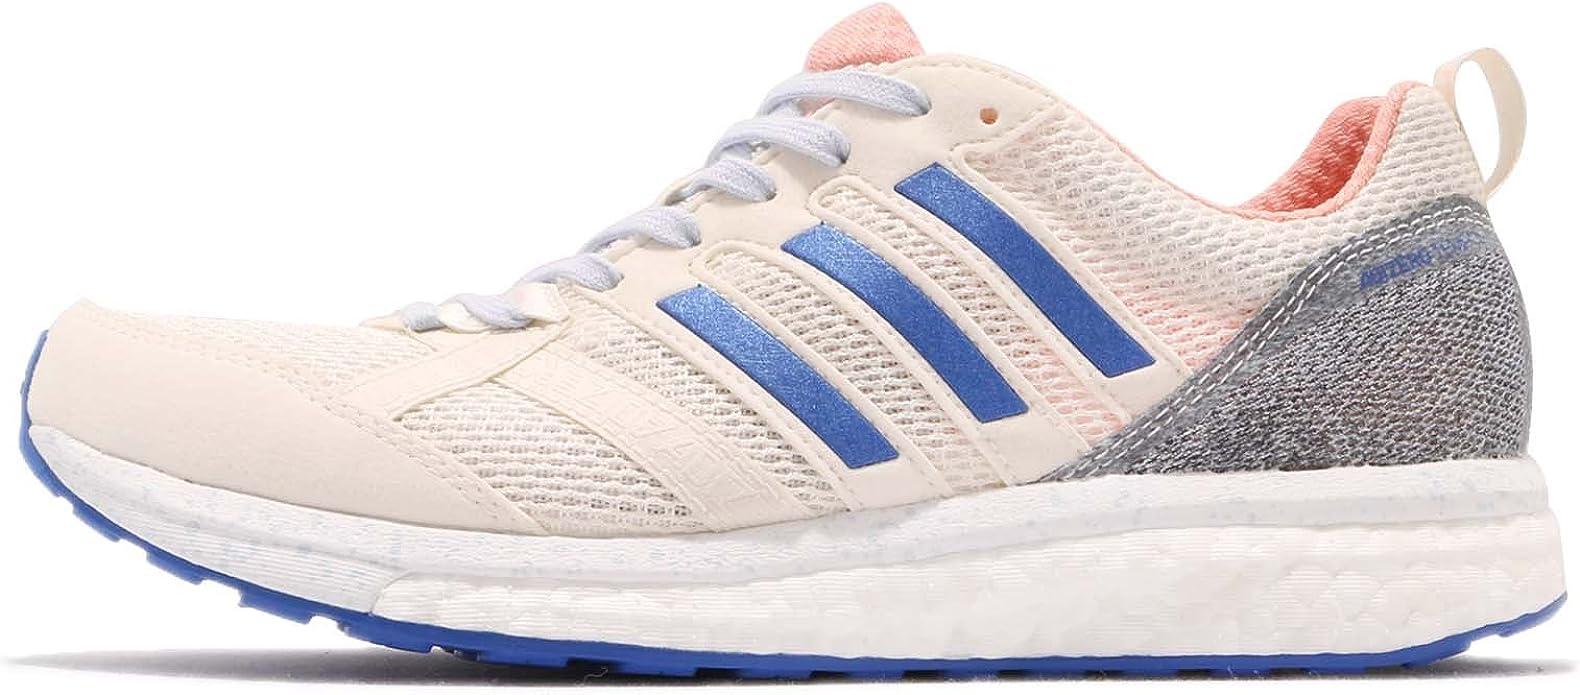 adidas Adizero Tempo 9, Zapatillas de Entrenamiento para Mujer: Amazon.es: Zapatos y complementos